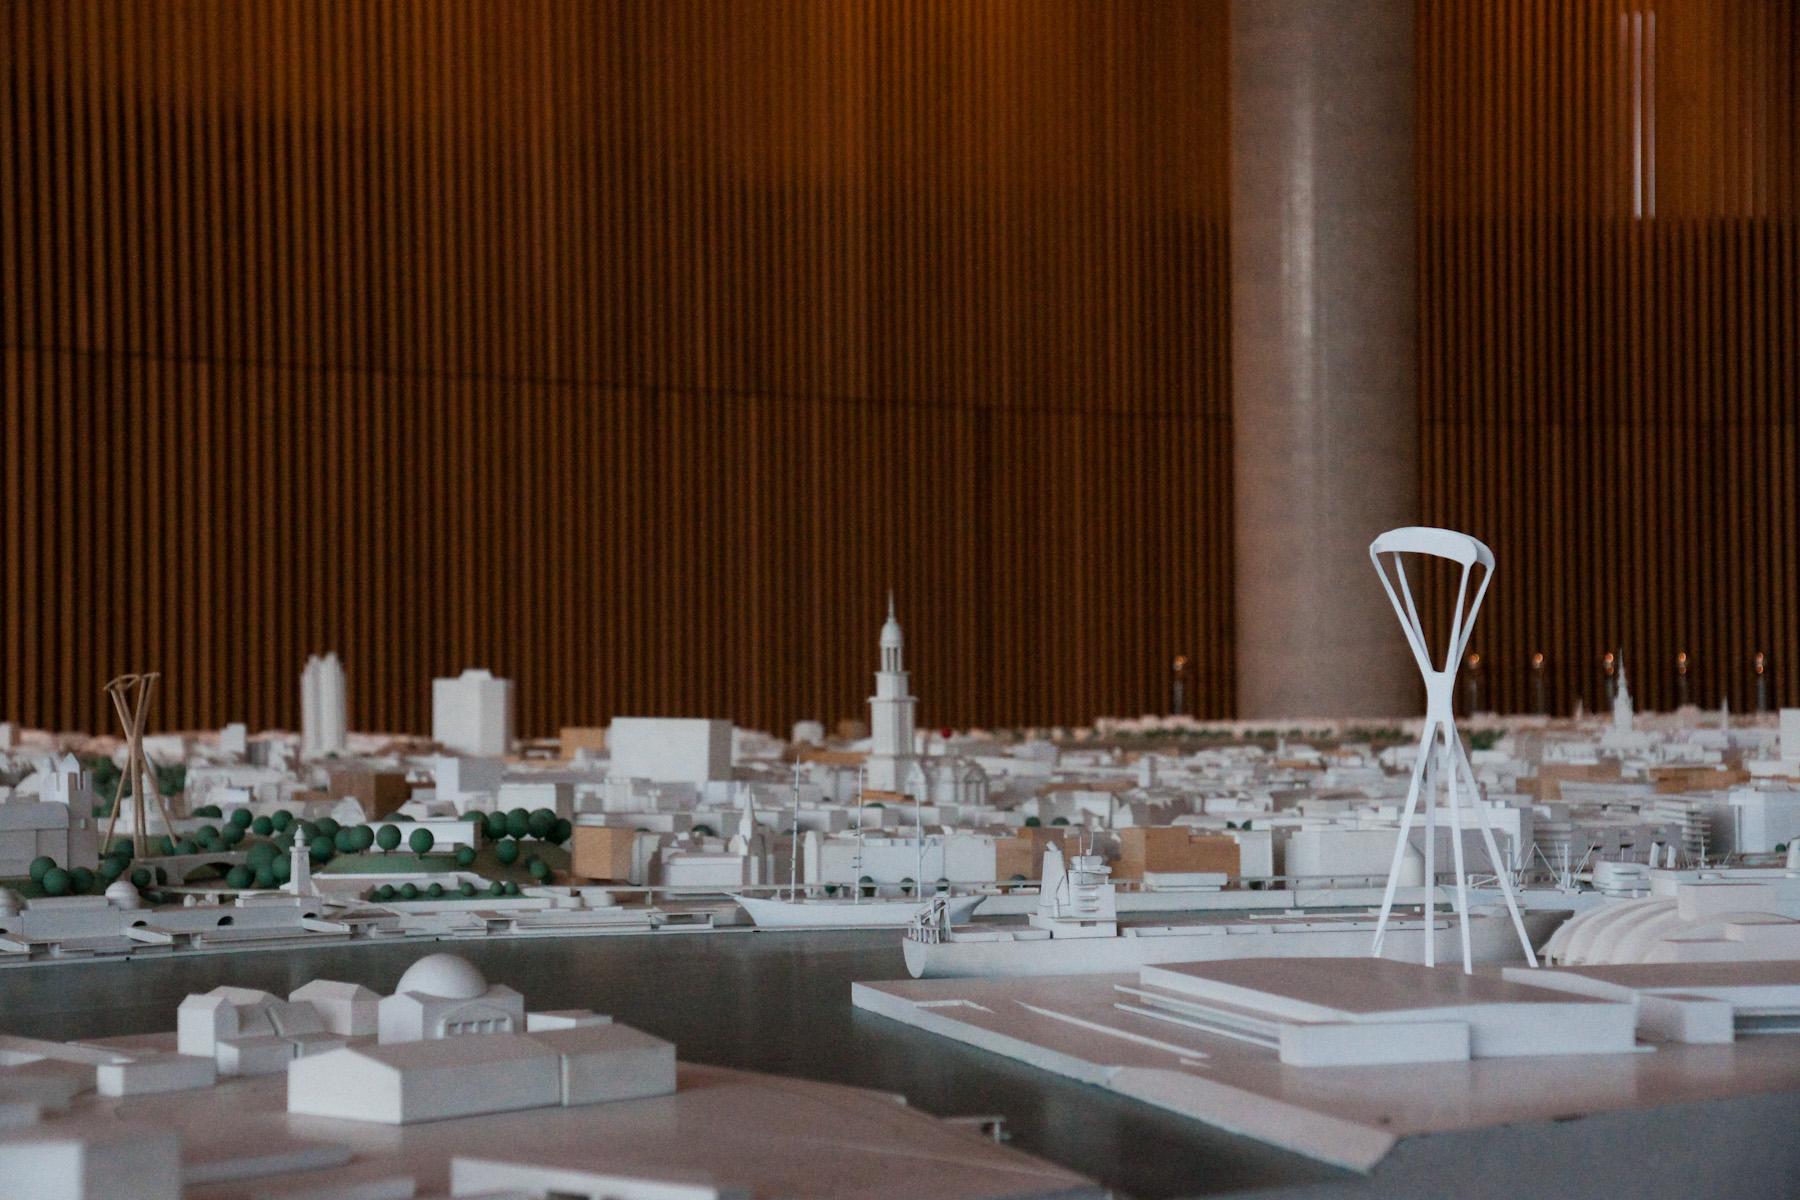 """Auch im Stadtmodell ist erkennbar, dass der Pylon im Alten Elbpark alles andere überragt. Nur der Turm des Michel ist noch höher. """"Filigran"""" wirkt die Stütze..."""